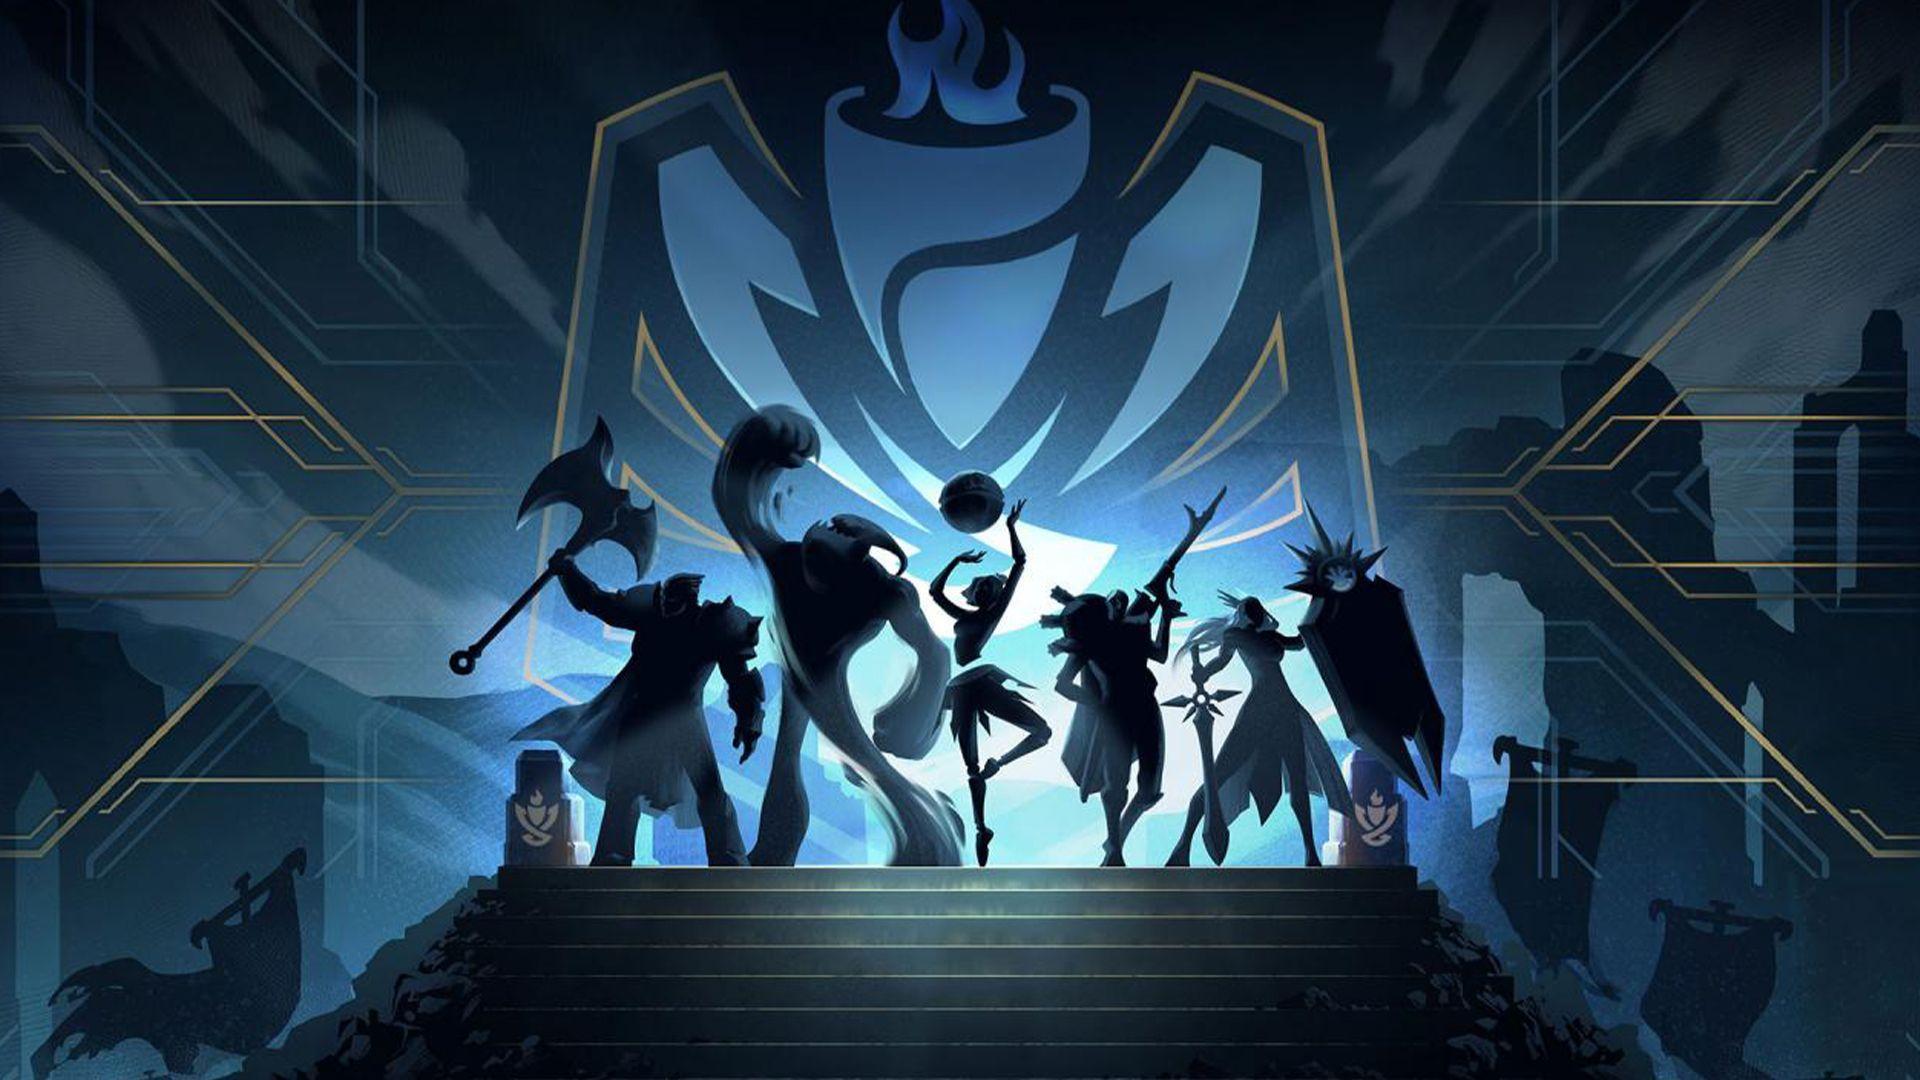 personajes ante el logo de clash